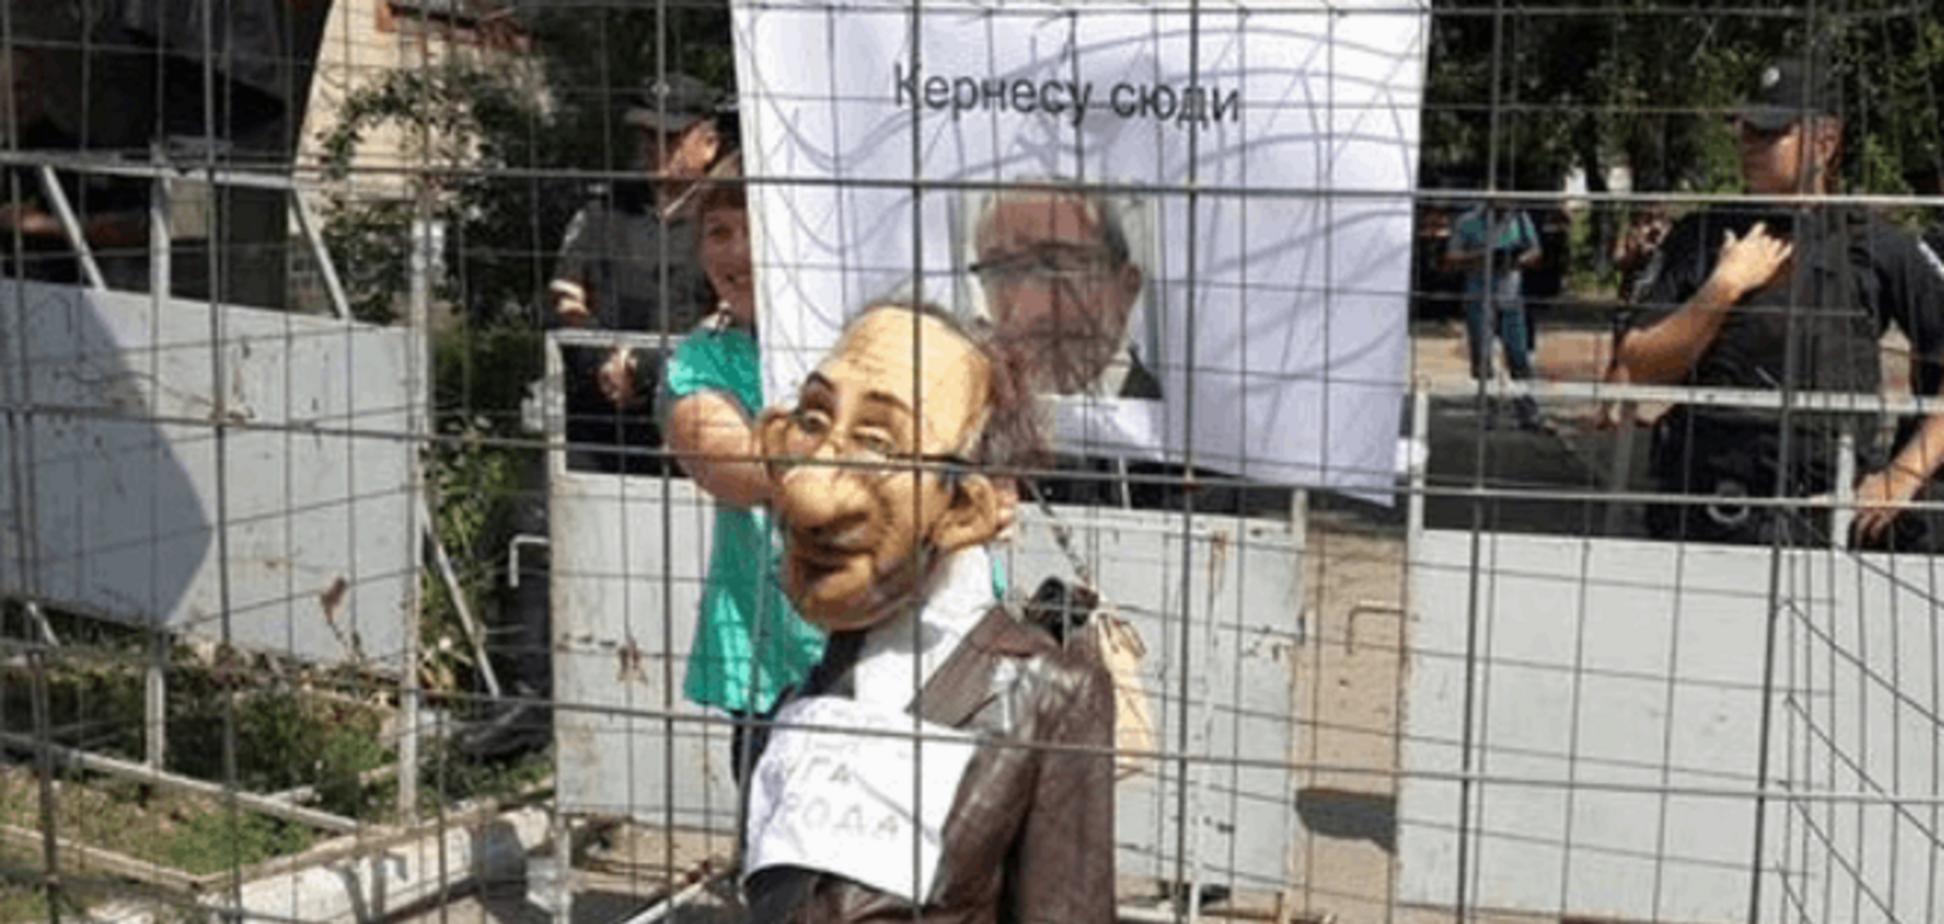 Скандальний суд: у Полтаві опудало Кернеса посадили в клітку - фотофакт